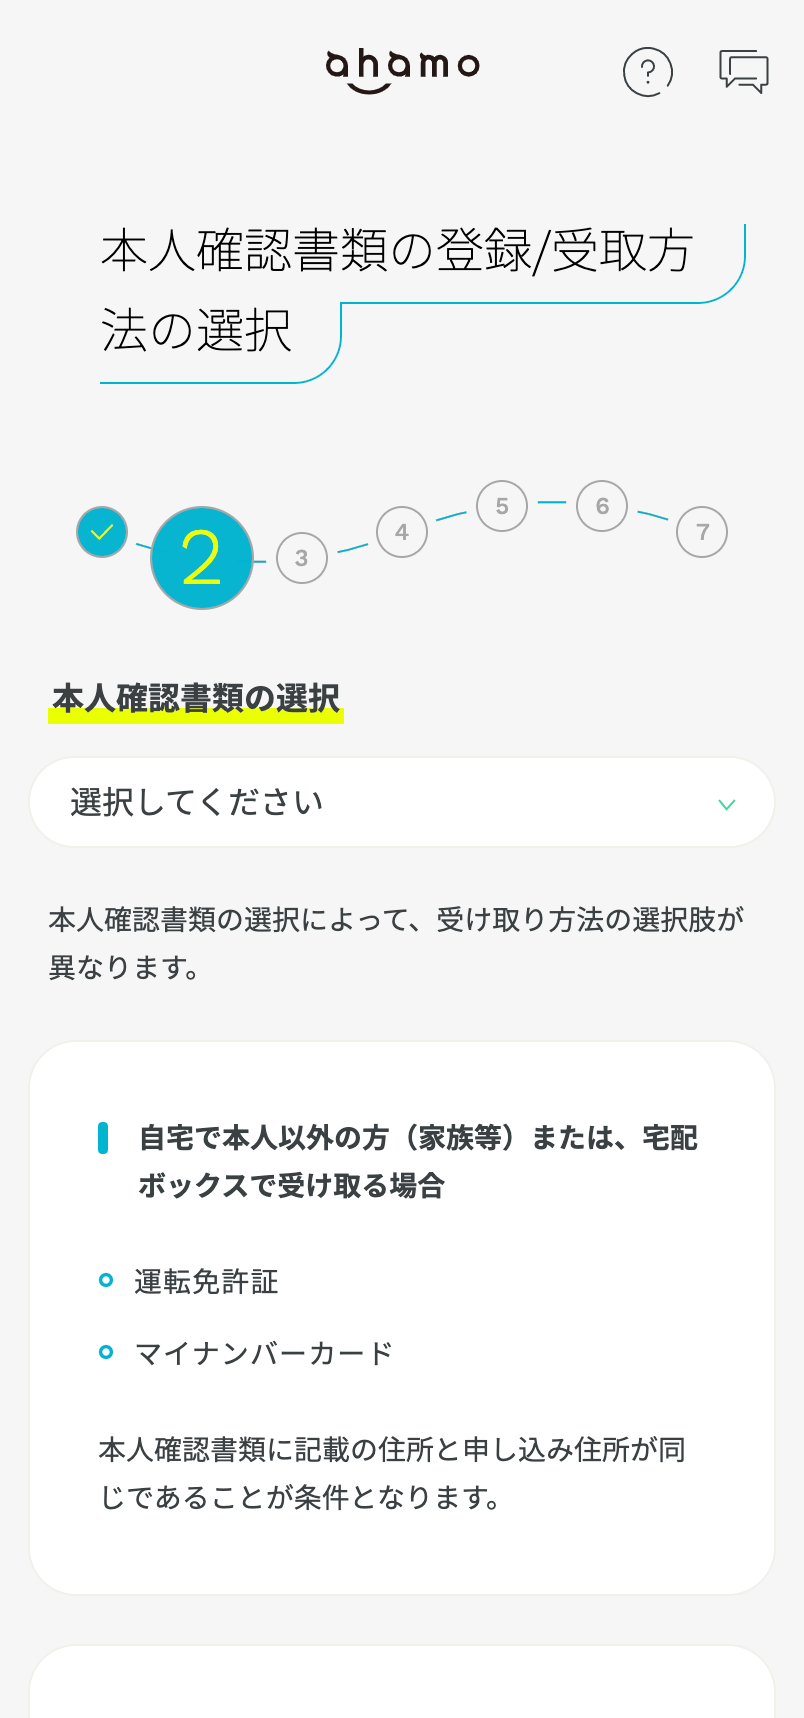 ahamo申し込み手順(新規・MNP)